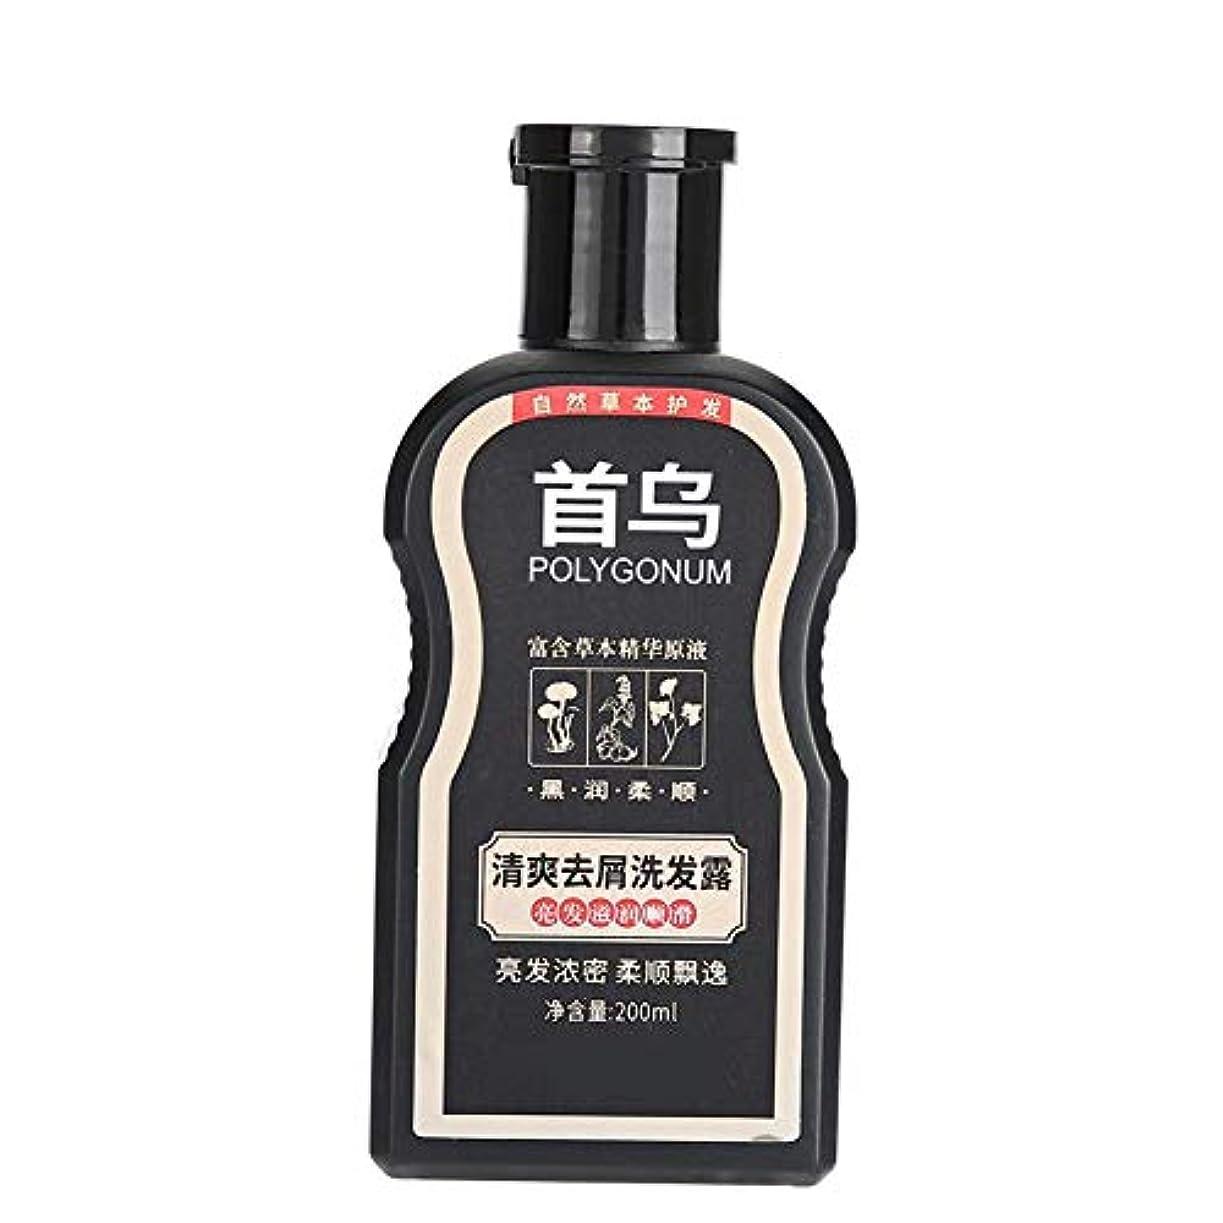 無臭放棄するムスタチオPolygonum Multiflorumシャンプー、ふけ防止掻痒防止200ml、オイルコントロールモイスチャライジングヘアシャンプー、傷んだ髪を養い、修復するため、黒く滑らかに、そして稠密にする